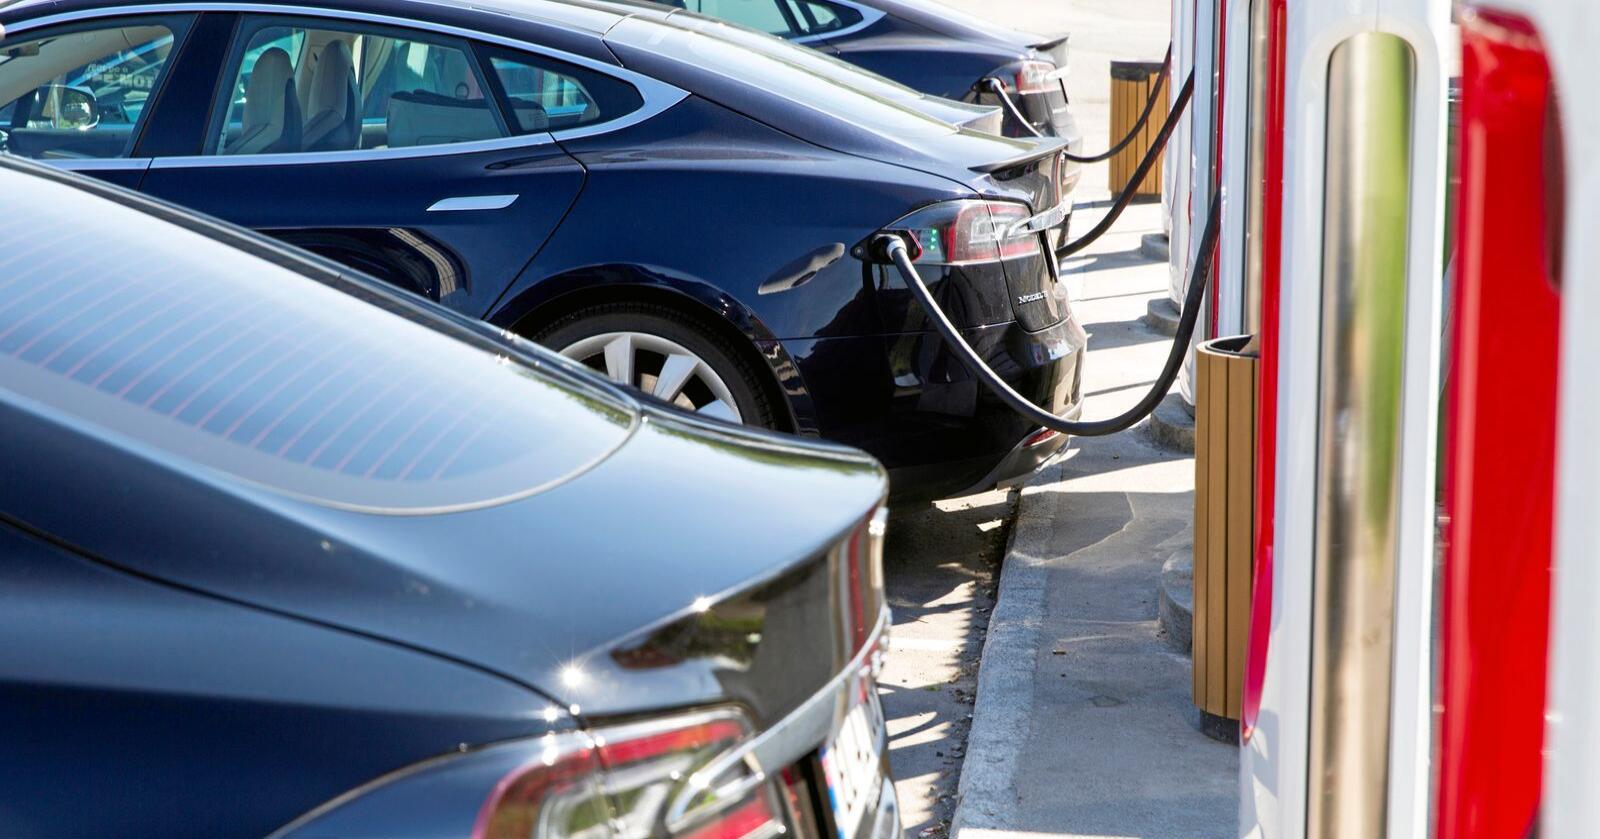 Ap og Elbilforeningen vil ha mer statlig støtte for å gjøre det mulig å ha elbil på bygda. Foto: Tore Meek / NTB scanpix